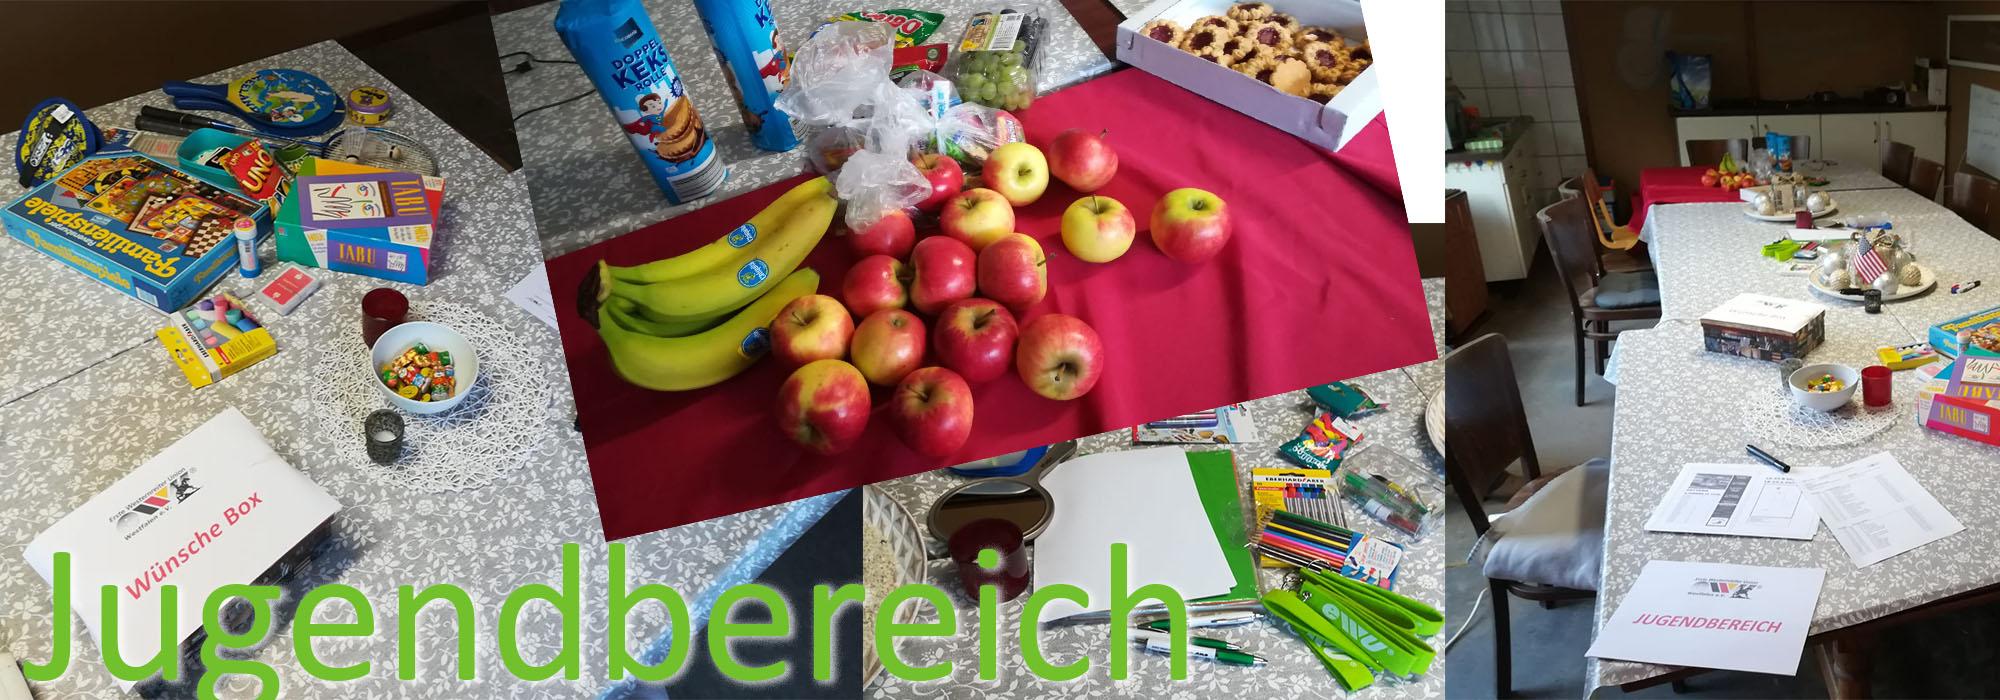 Jugendbereich /Jugendaktion auf dem AQ Turnier in Warendorf